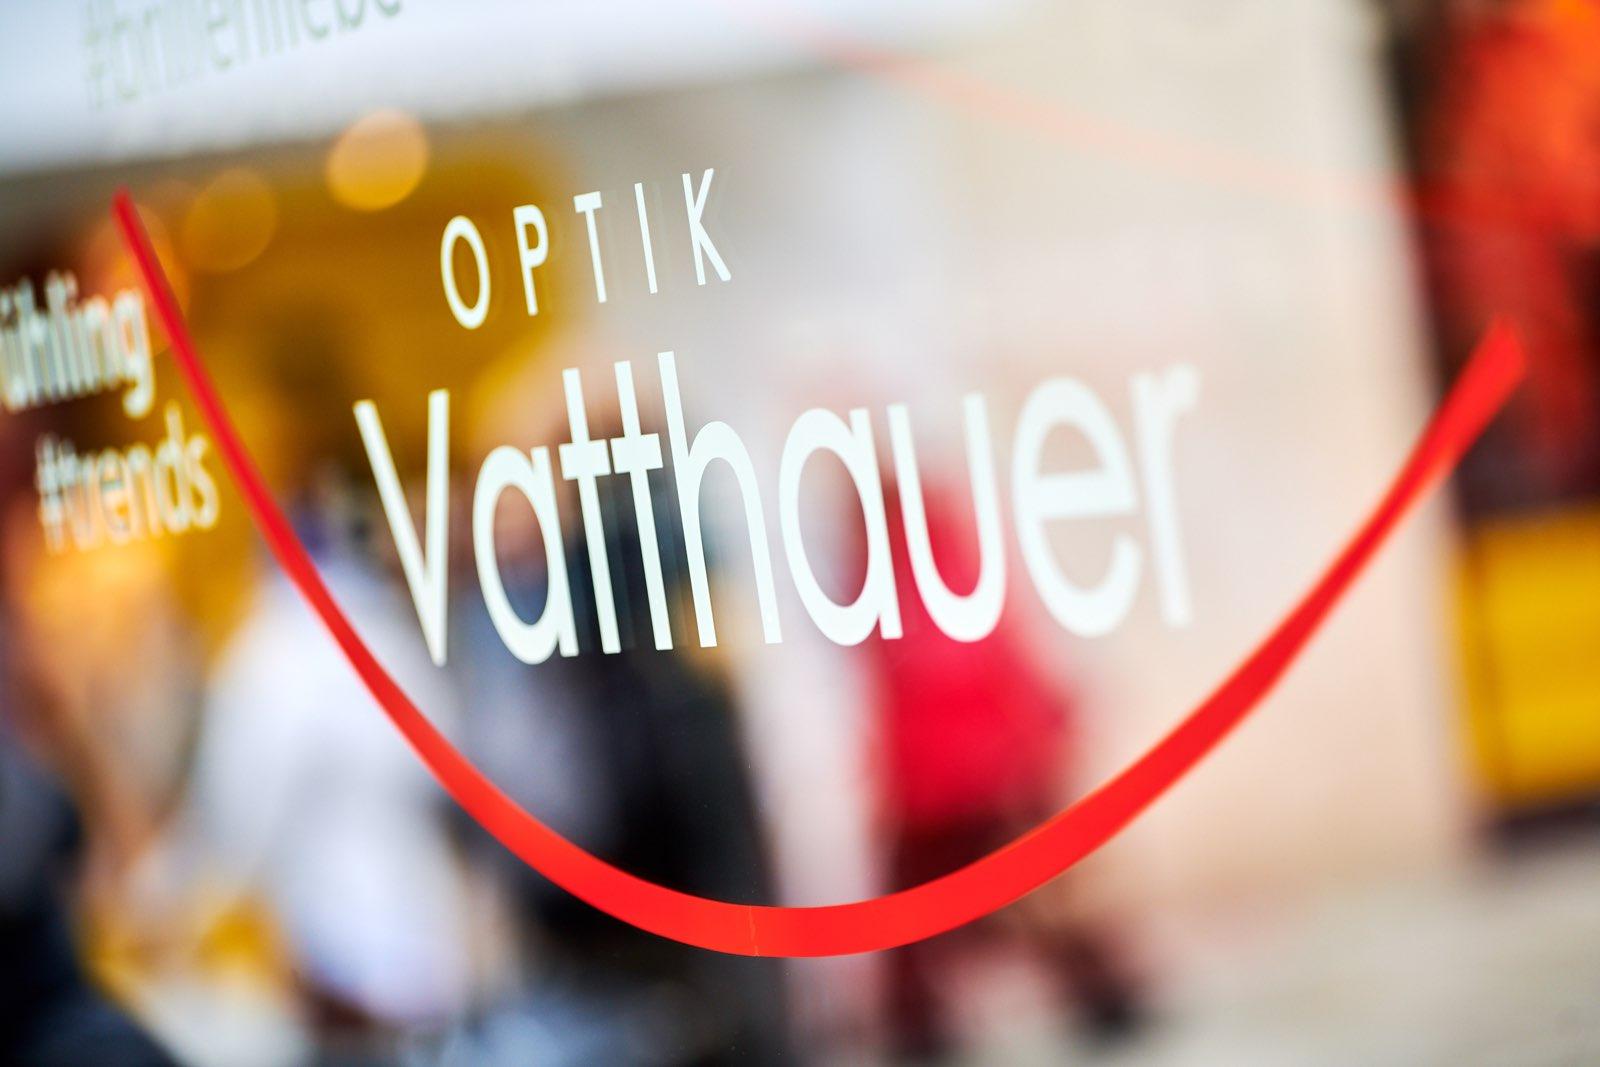 Optik Vatthauer Osnabrück